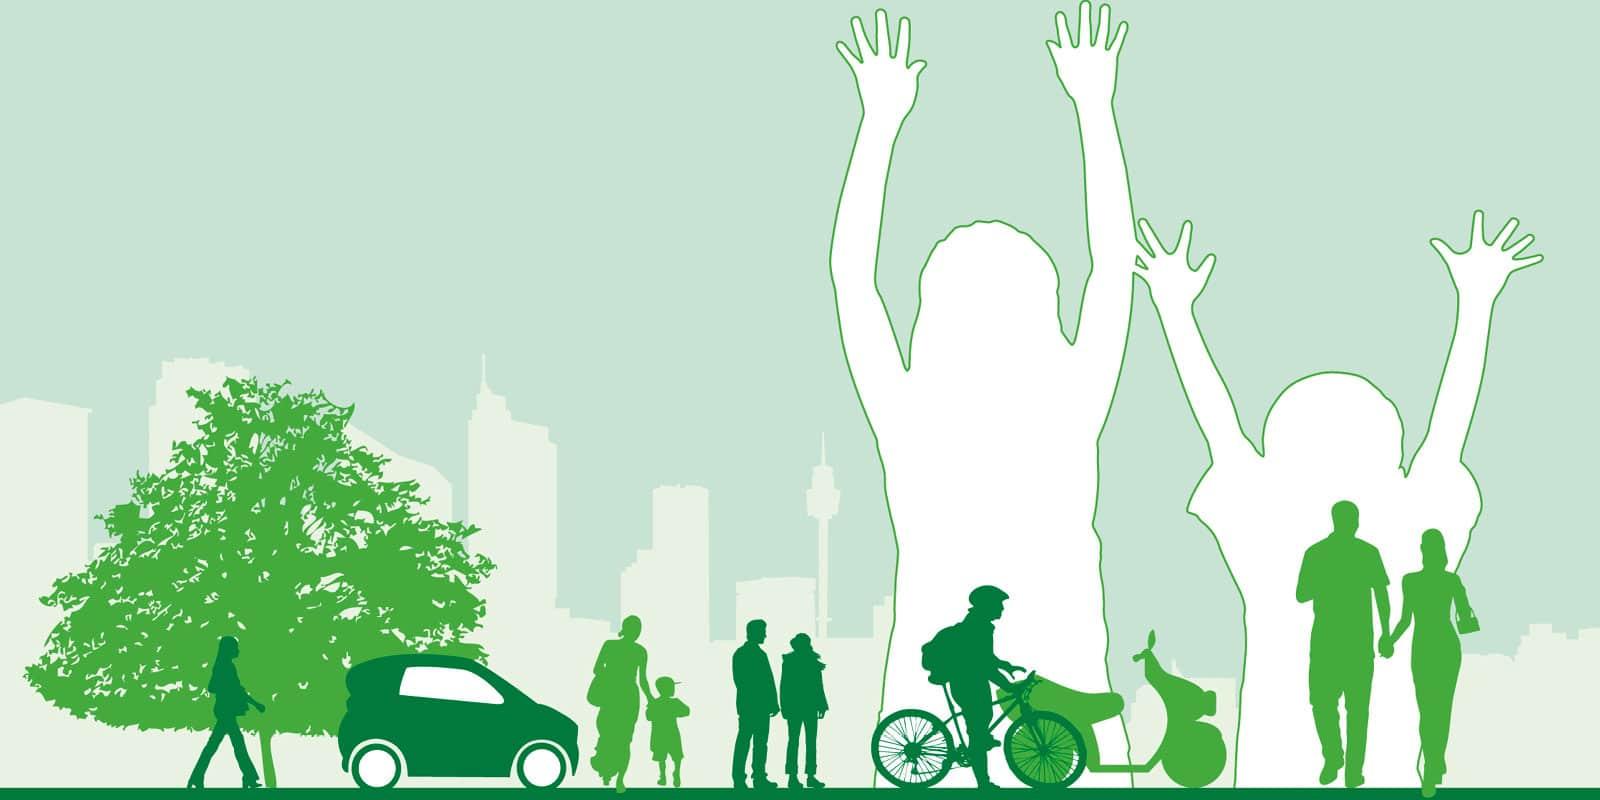 Messe Stuttgart – i-Mobility